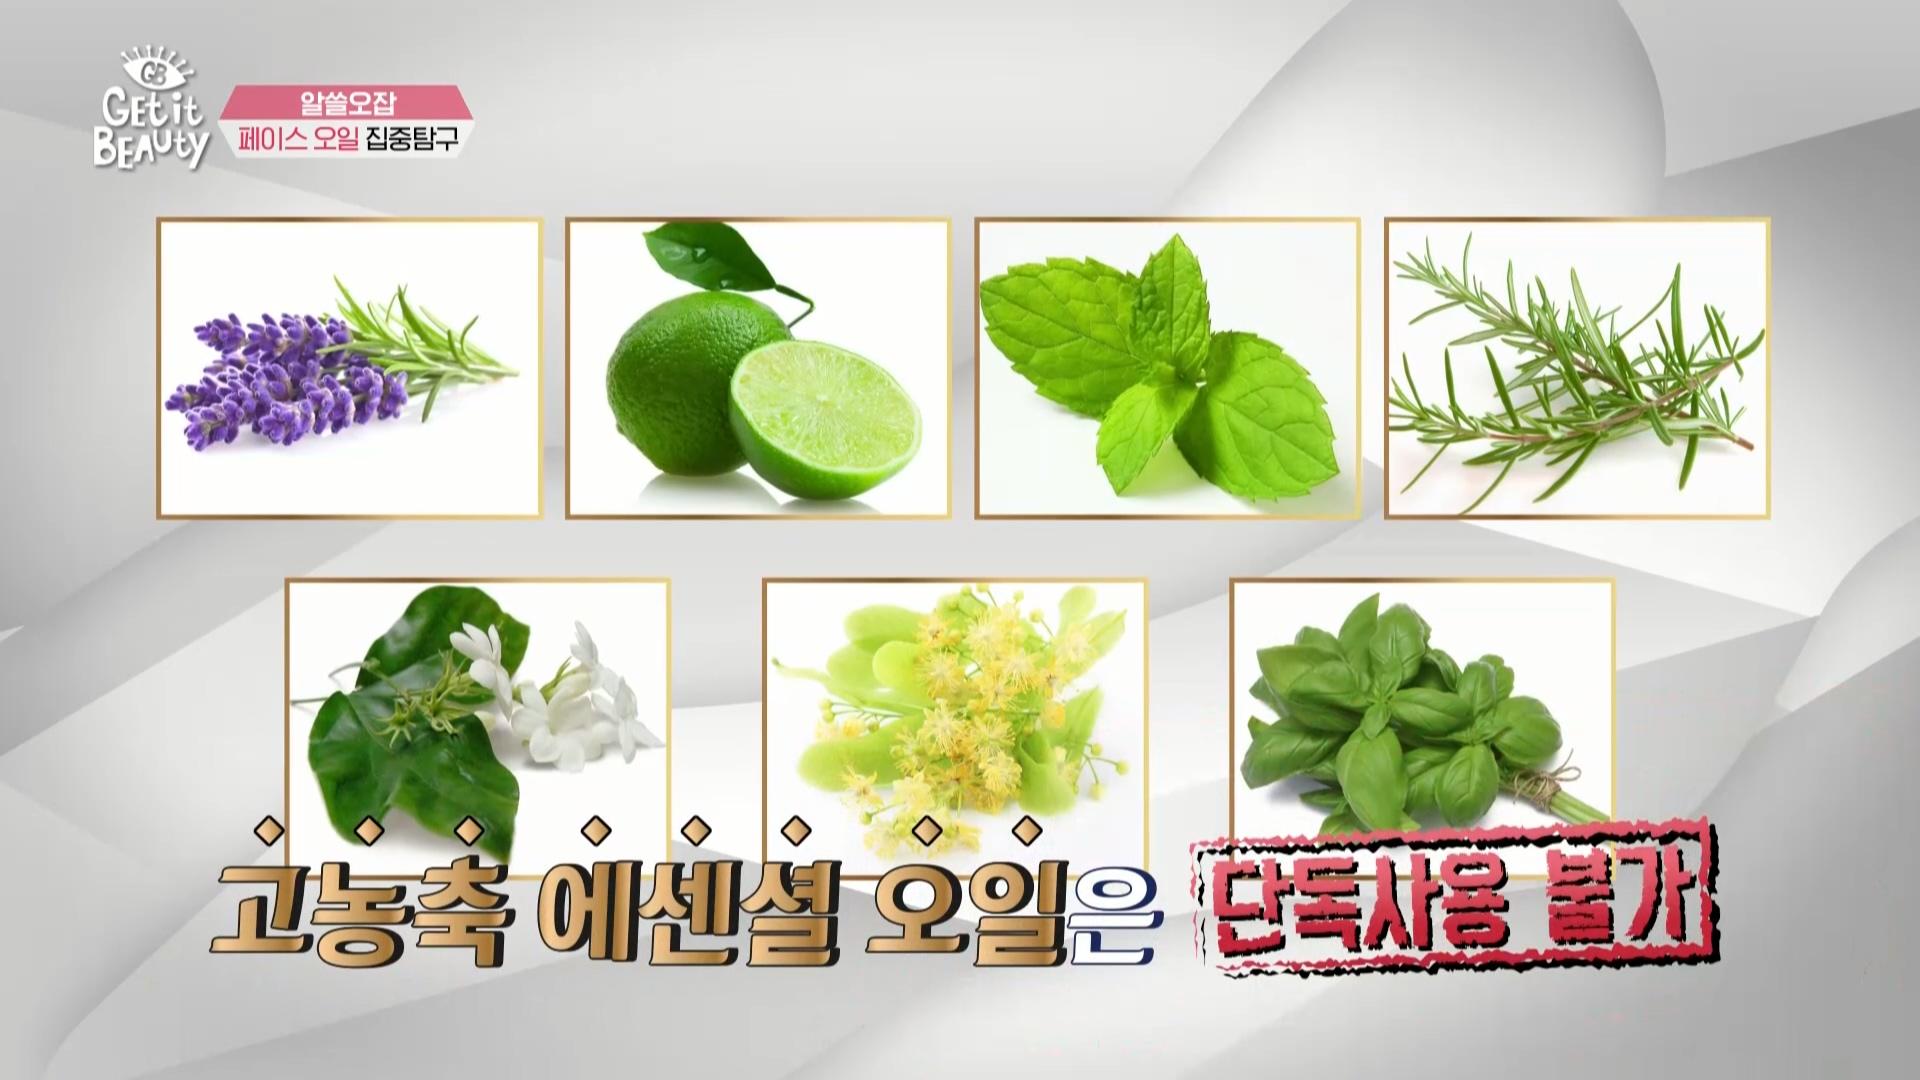 식물 씨와 과육에서 추출한 식물성 오일은 캐리어 오일이라 그냥 사용해도 되요!